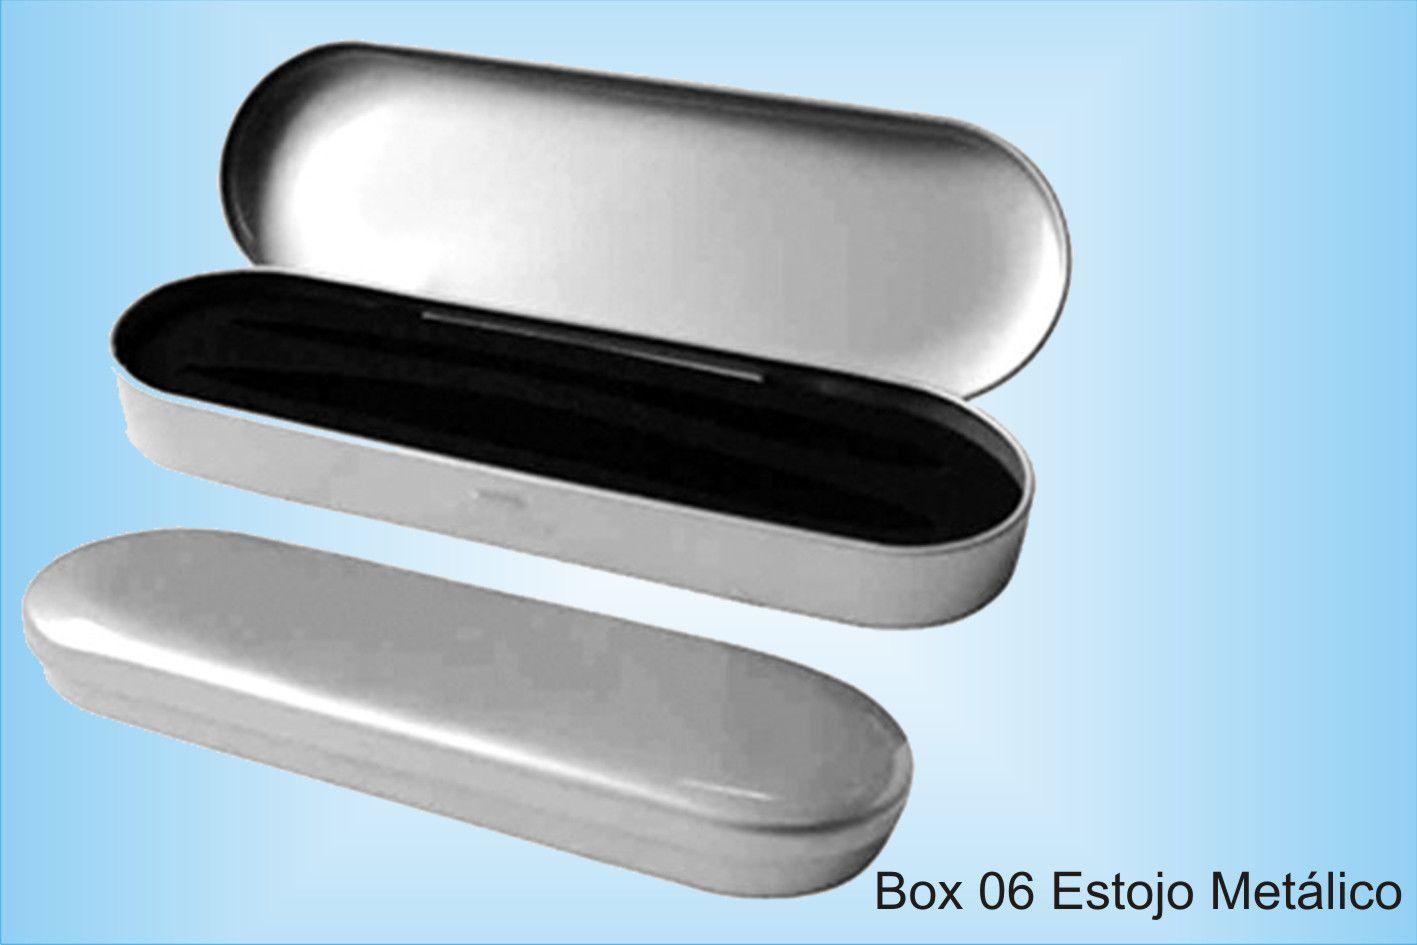 BOX 06 ESTOJO METÁLICO